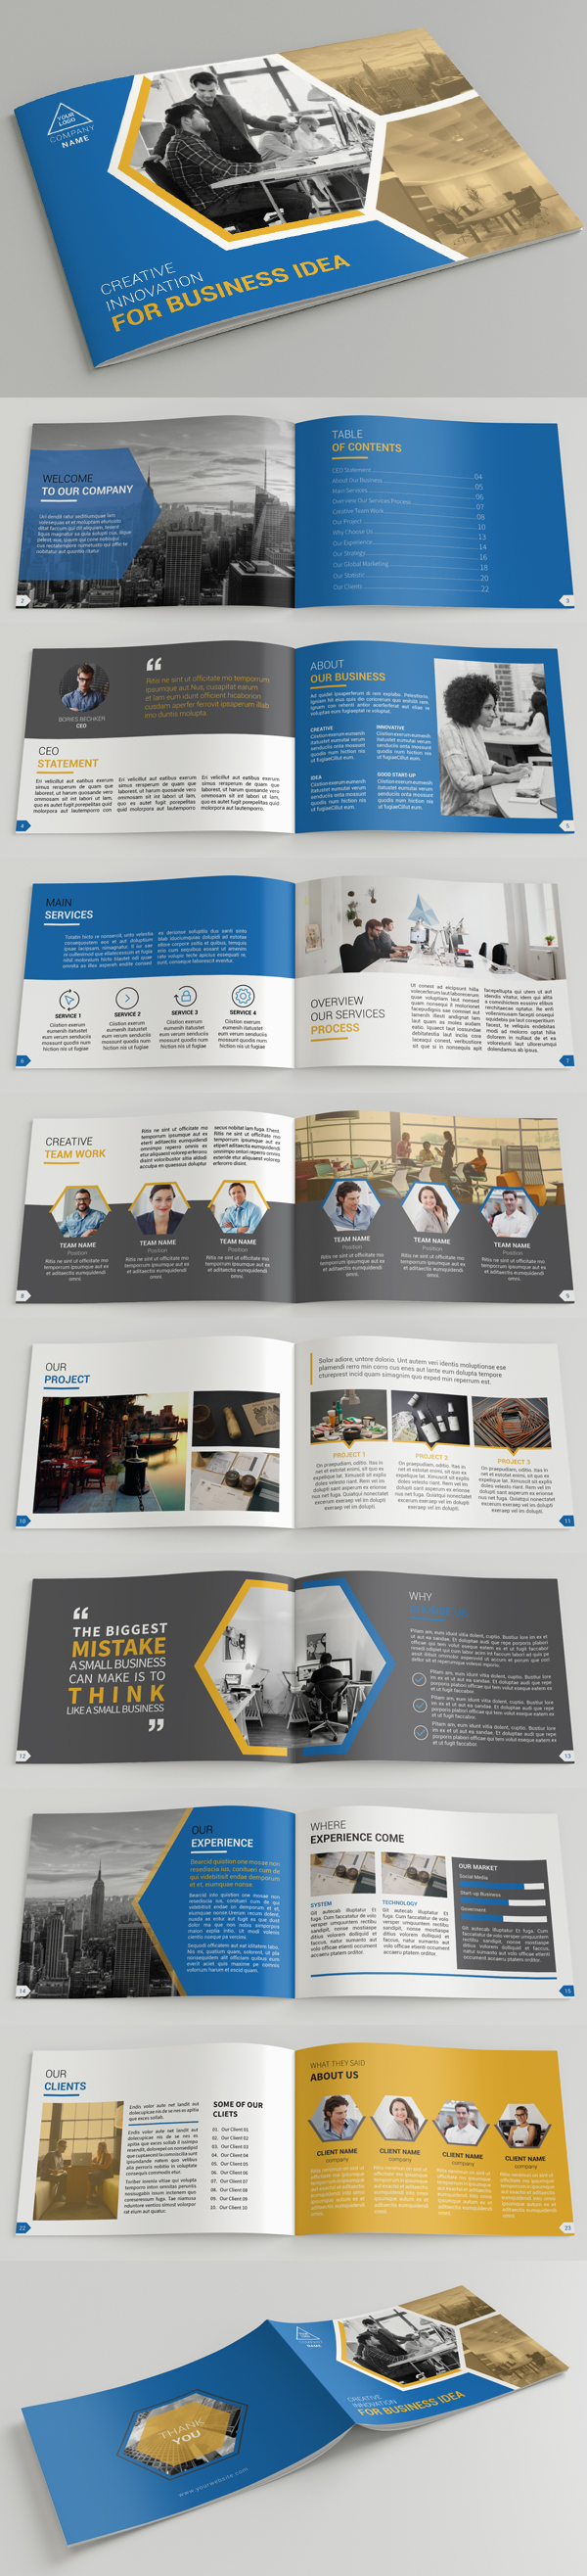 011 brochure design